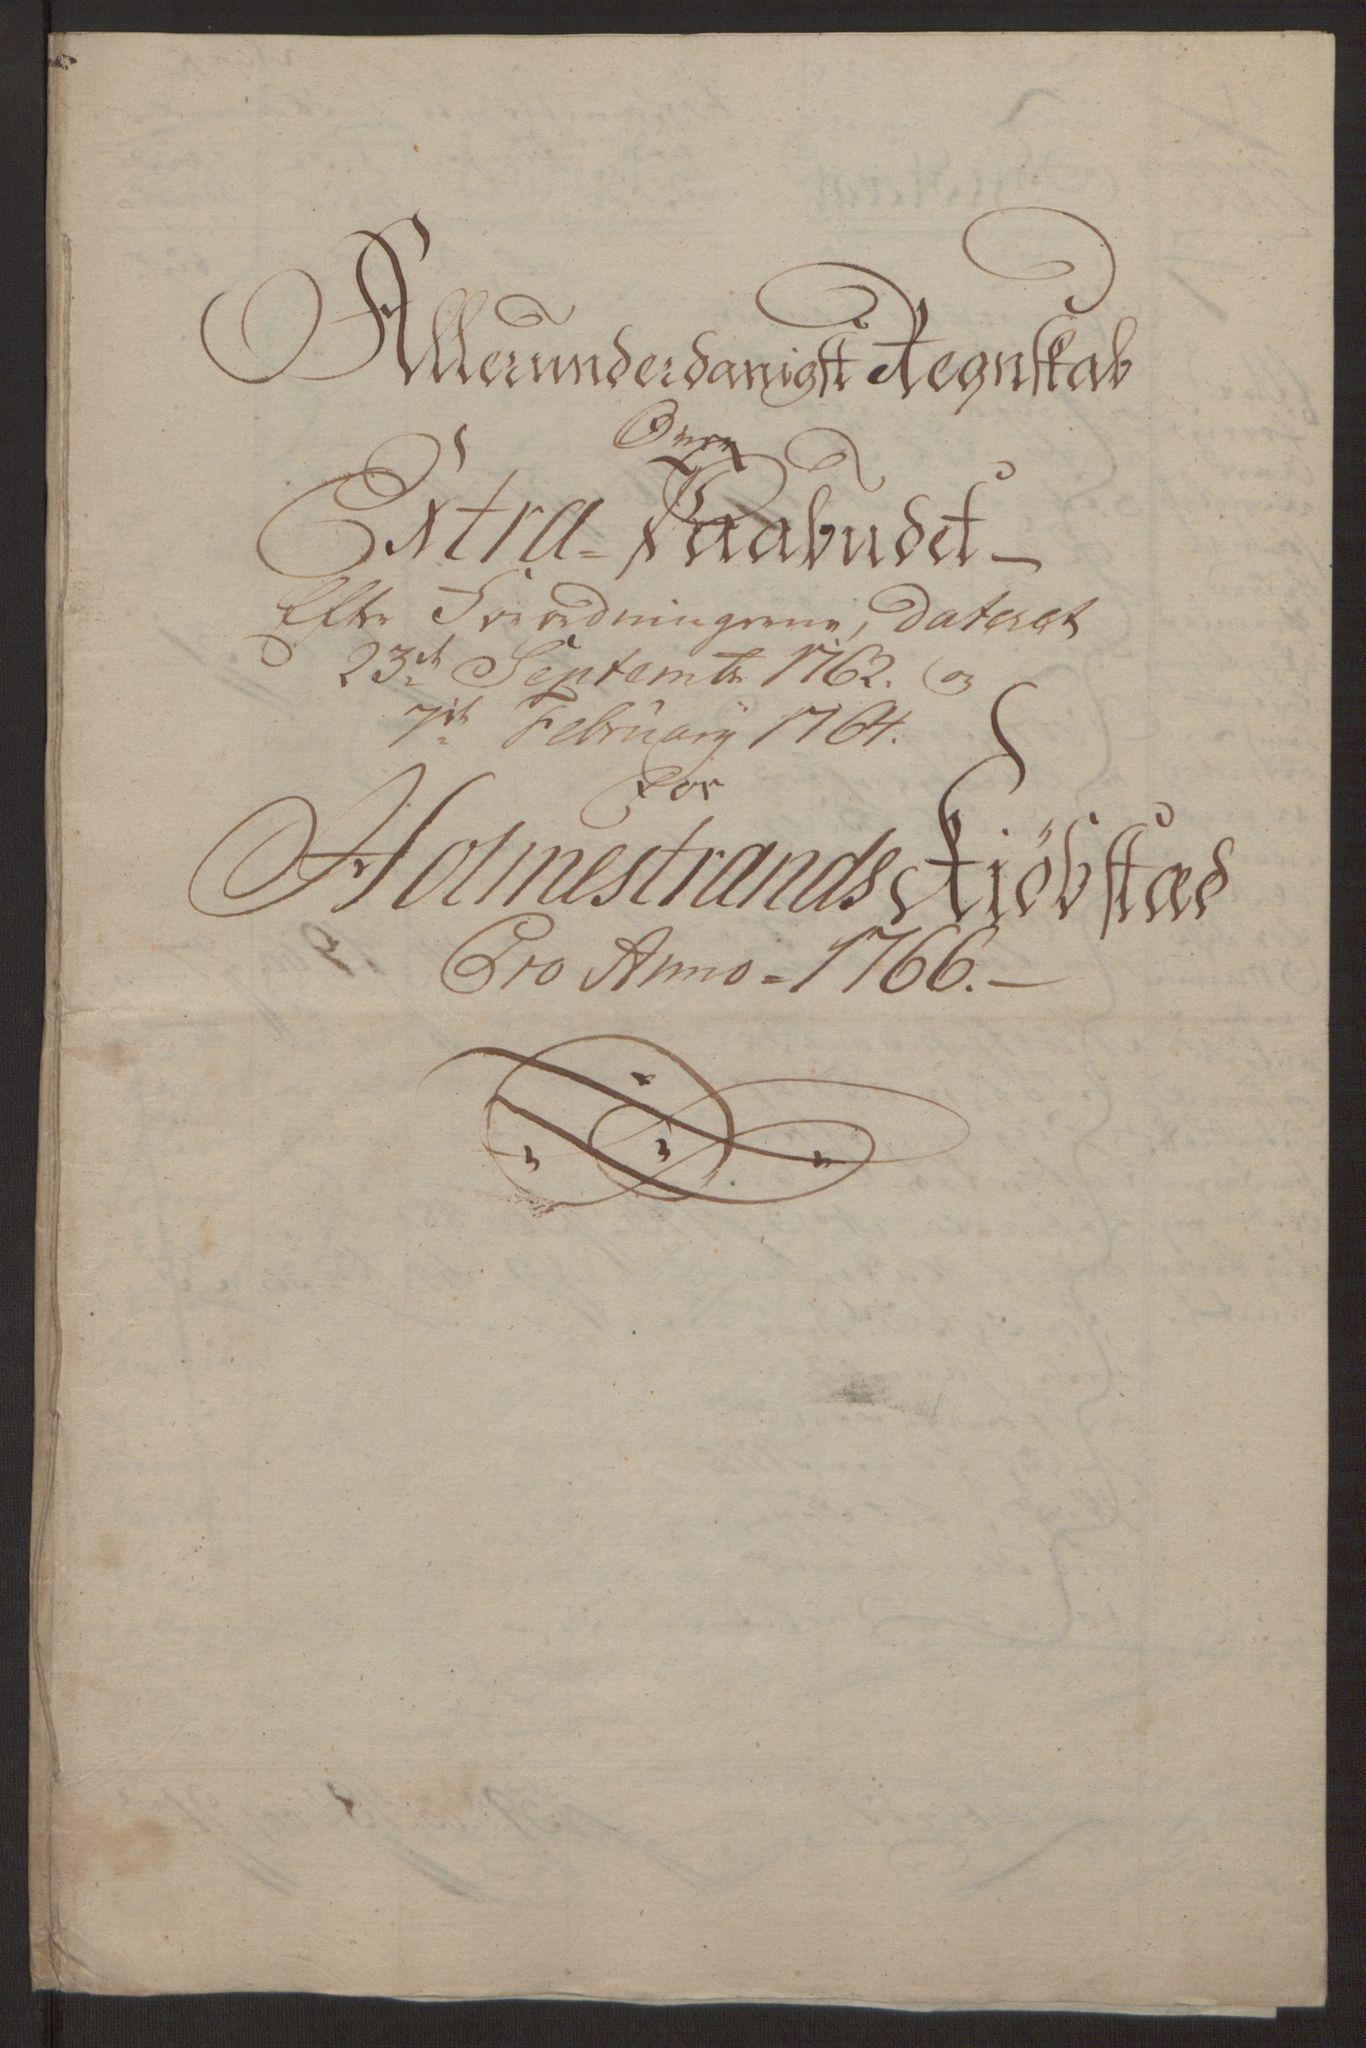 RA, Rentekammeret inntil 1814, Reviderte regnskaper, Byregnskaper, R/Rh/L0163: [H4] Kontribusjonsregnskap, 1762-1772, s. 248